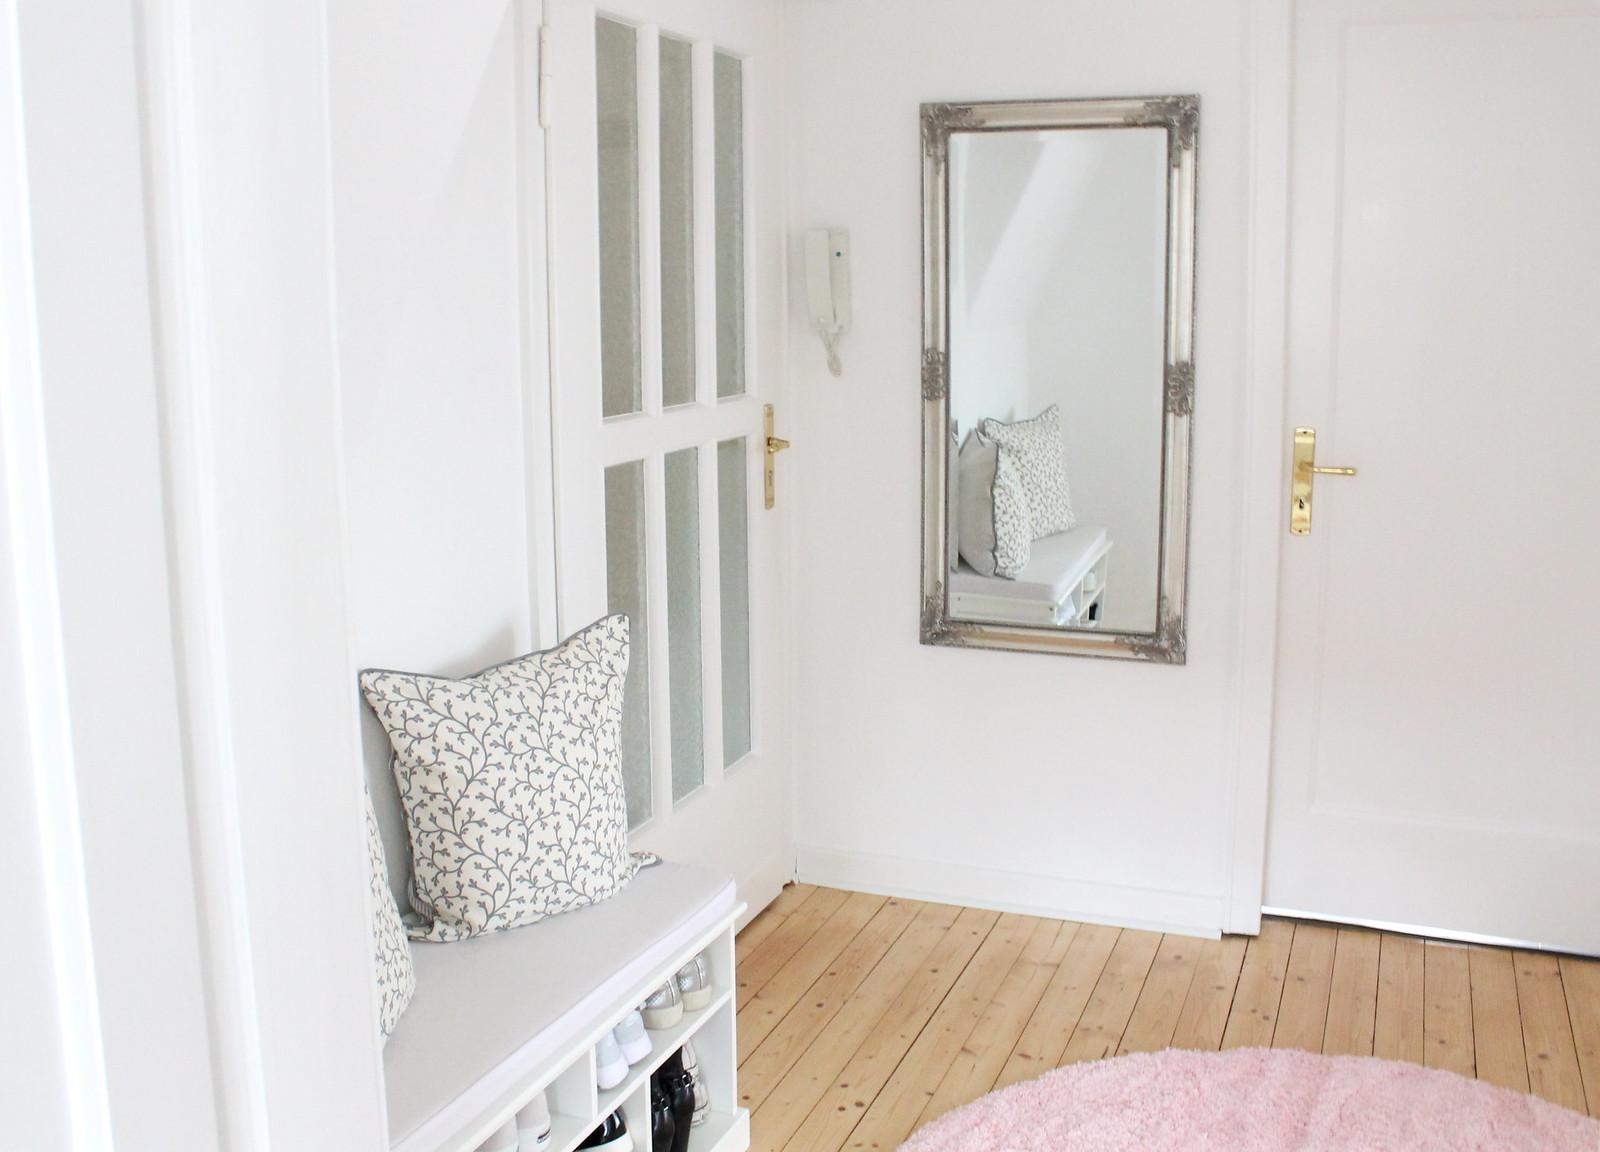 Full Size of Dazzled Meine Wohnung Update Küche Kaufen Ikea Betten Bei Kosten 160x200 Modulküche Miniküche Sofa Mit Schlaffunktion Wohnzimmer Ikea Wandregale